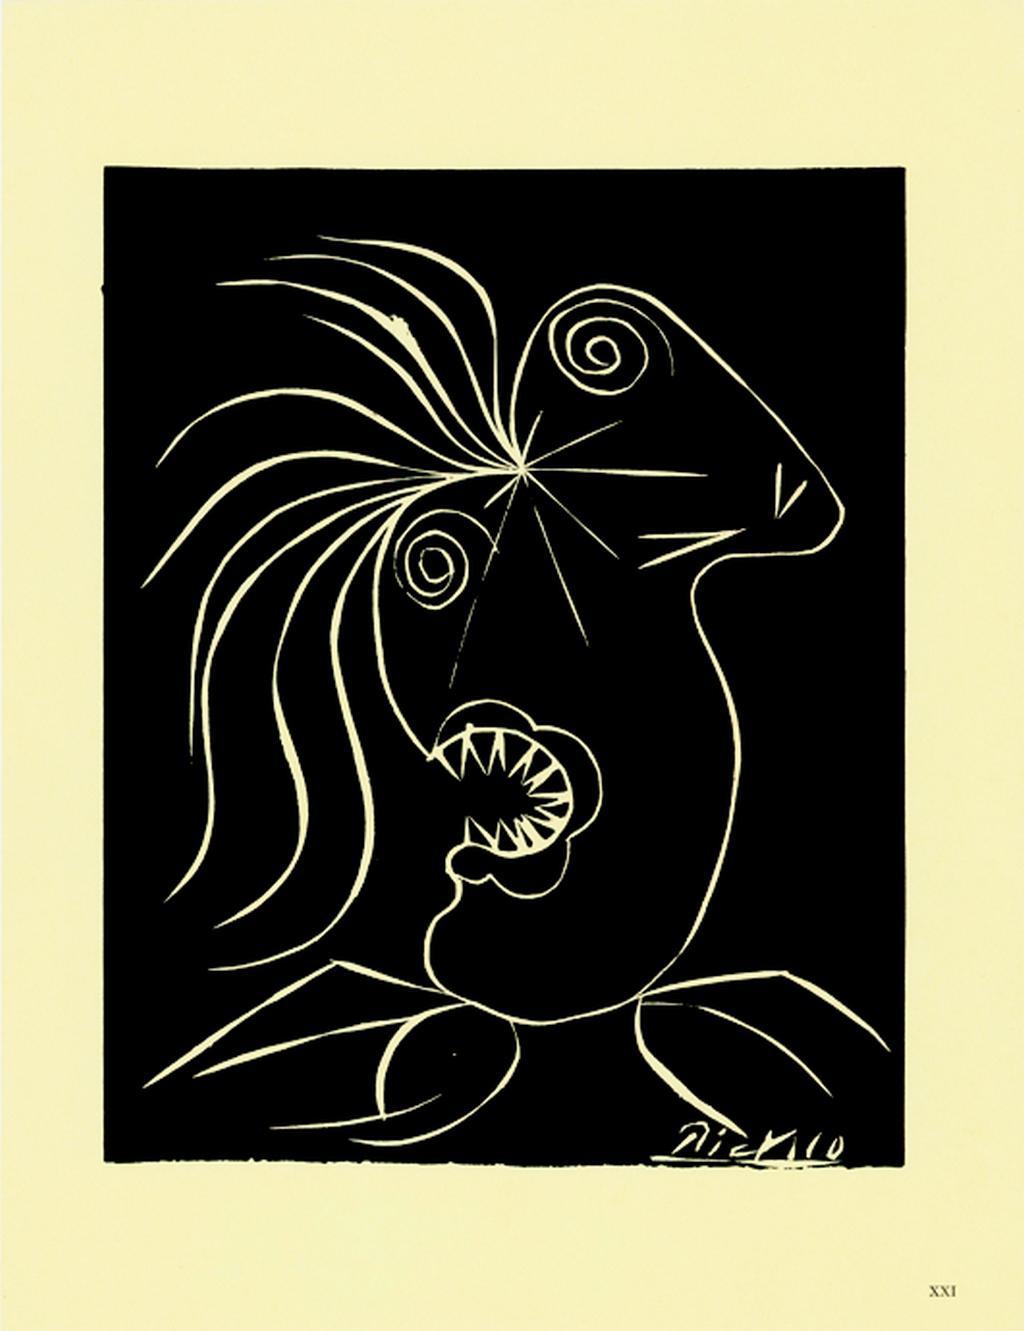 Pablo Picasso / list z alba Pour la Tchécoslovaquie, Hommage à un pays martyr, 1939